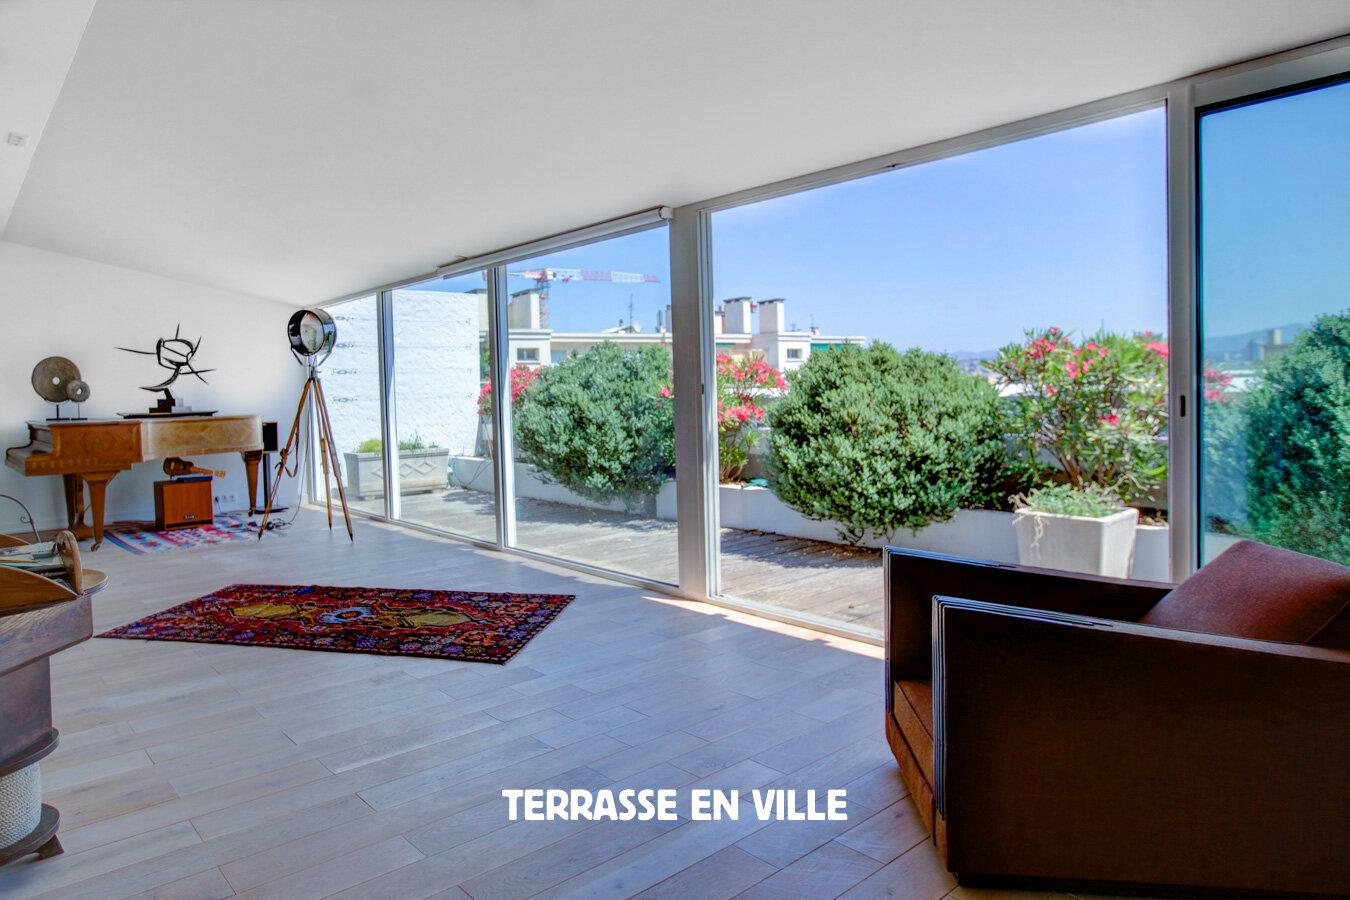 TERRASSE EN VILLE-7.jpg